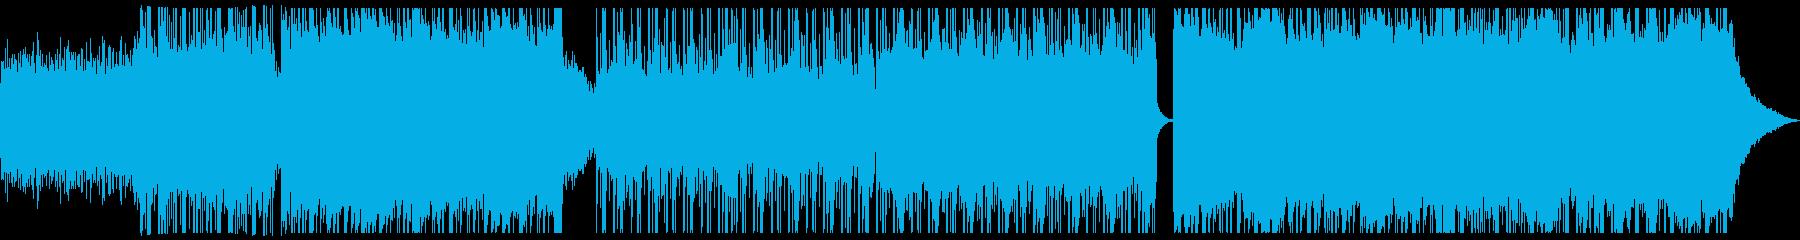 ポップ テクノ 広い 壮大 テクノ...の再生済みの波形